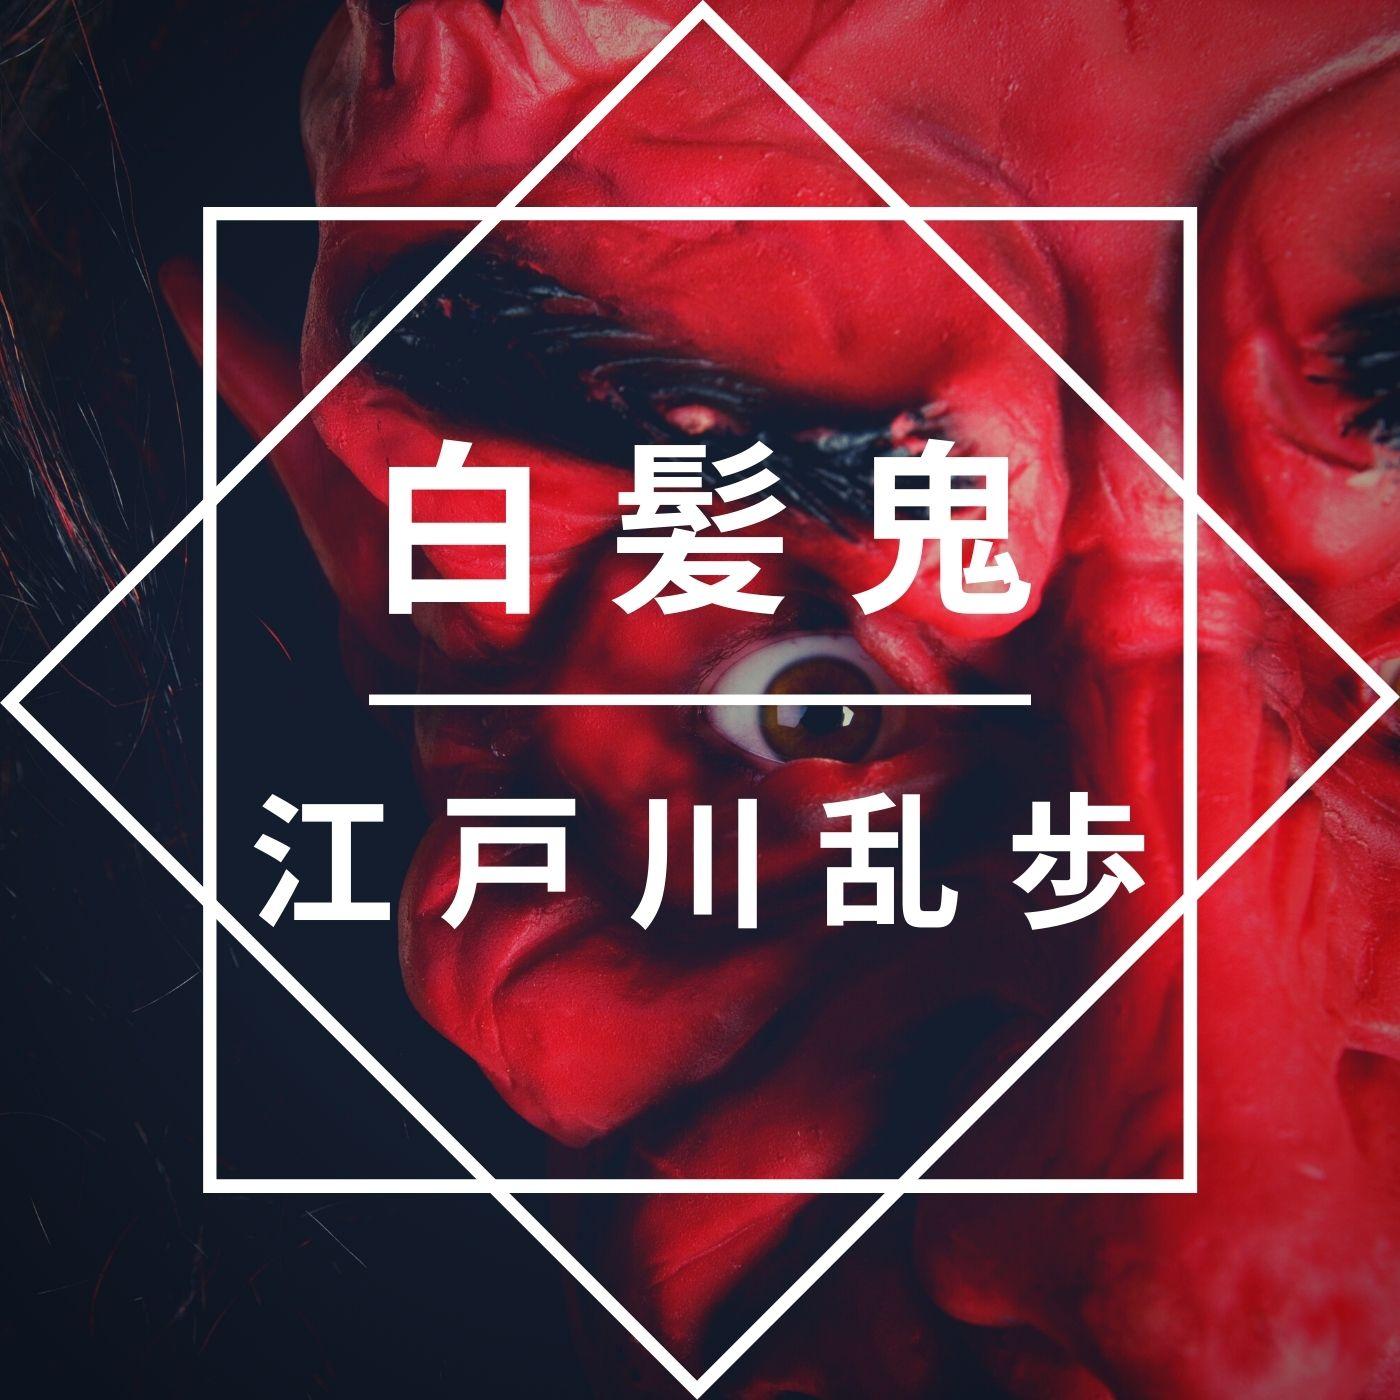 白髪鬼 江戸川乱歩